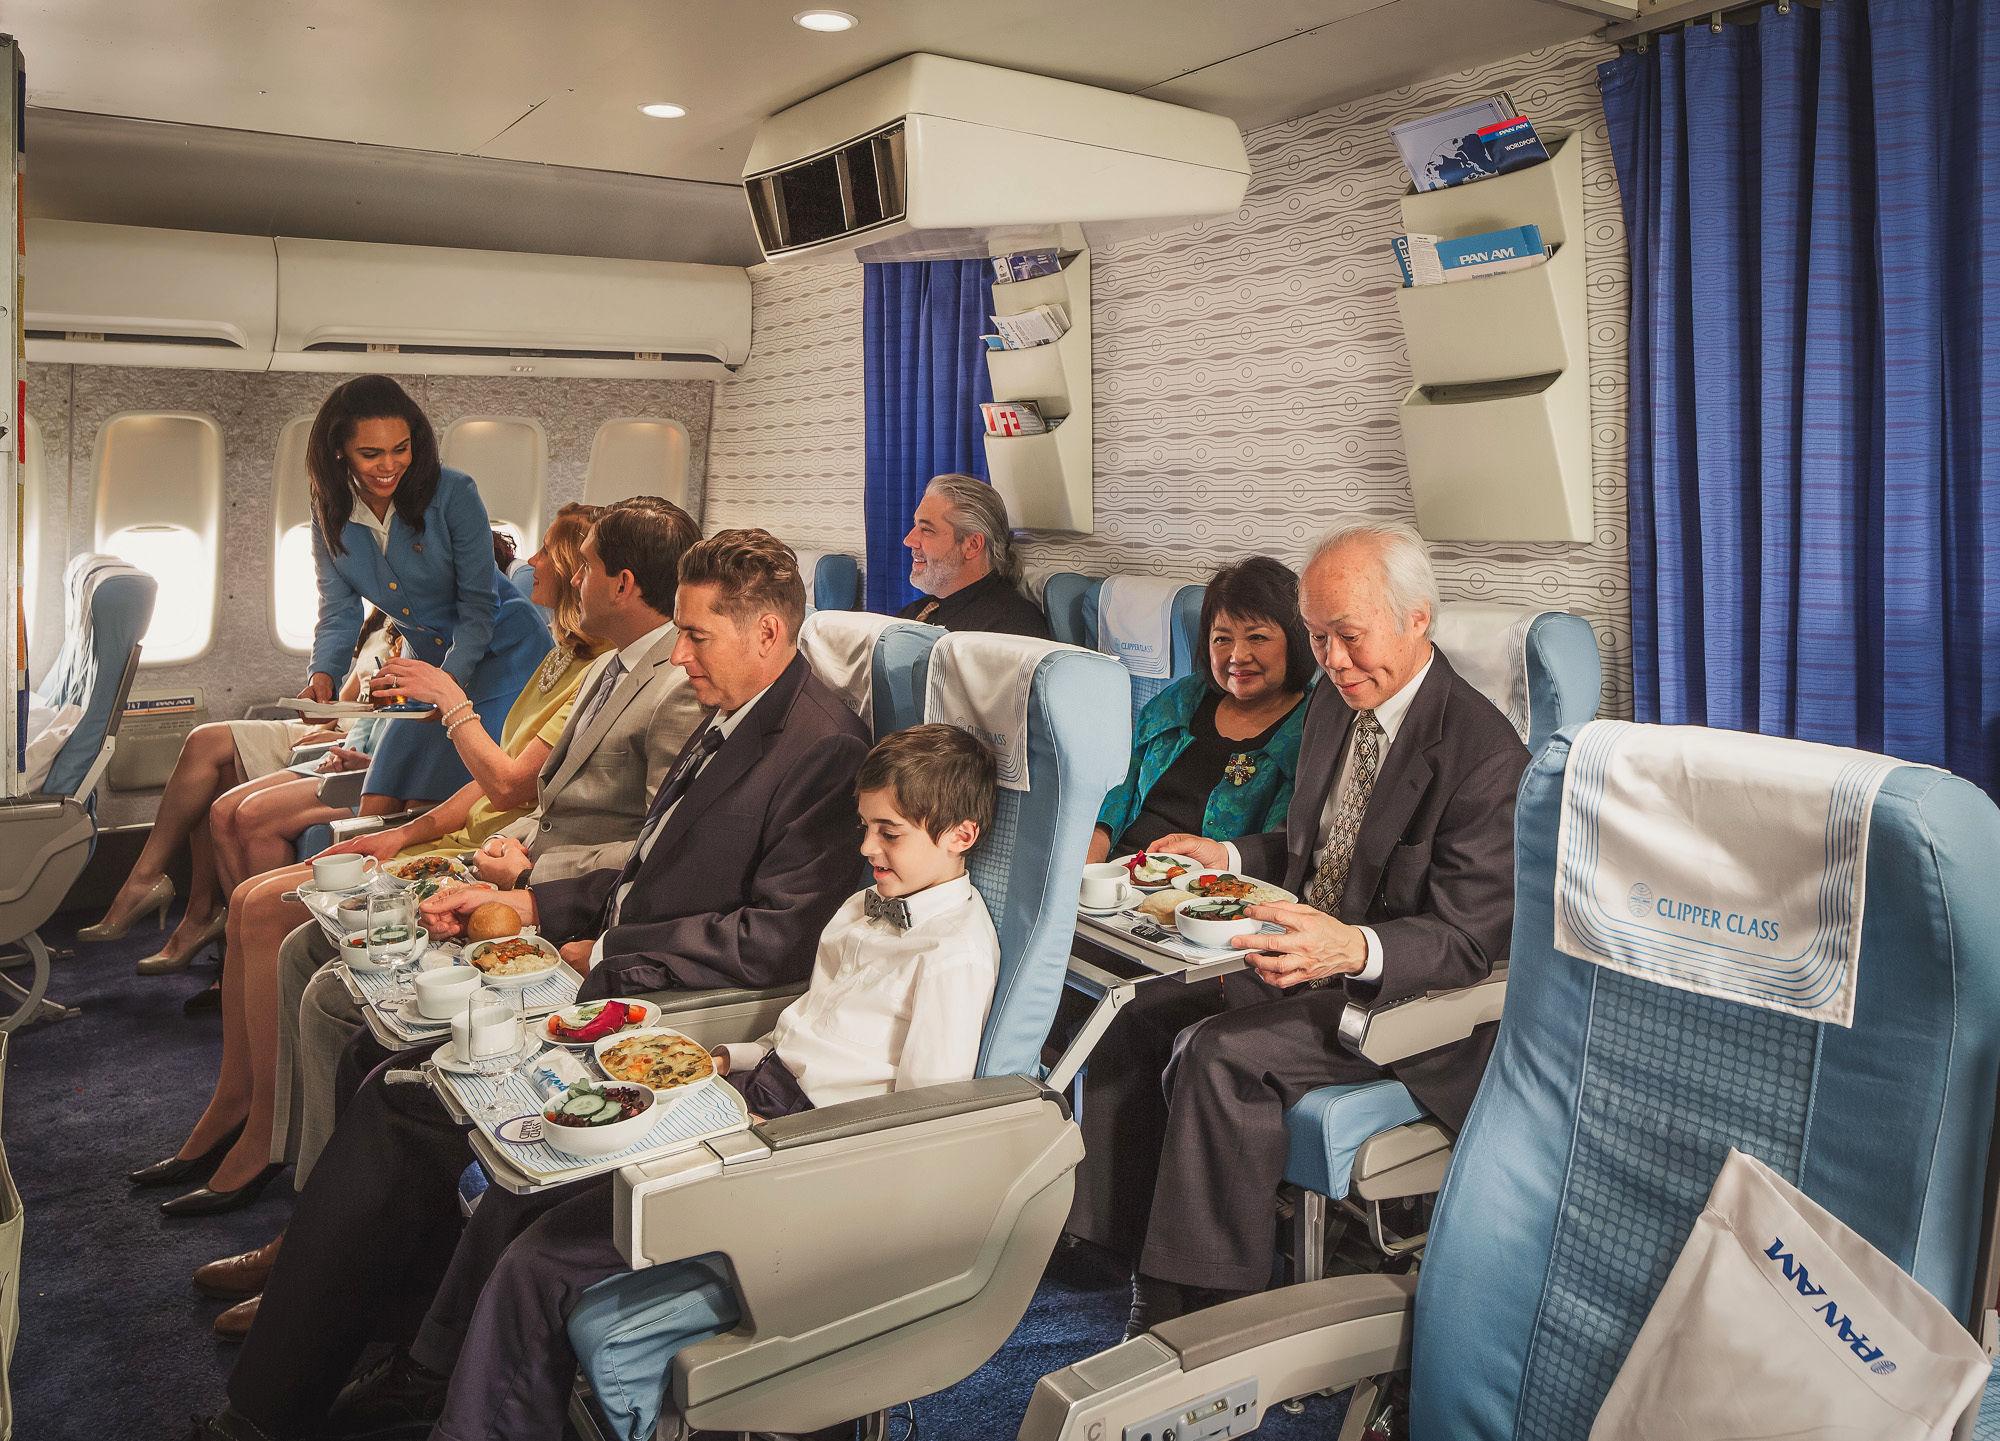 Klasa turystyczna w replice Boeinga 747 Jumbo Jet linii Pan Am. Autor: Mike Kelley/ www.mpkelley.com